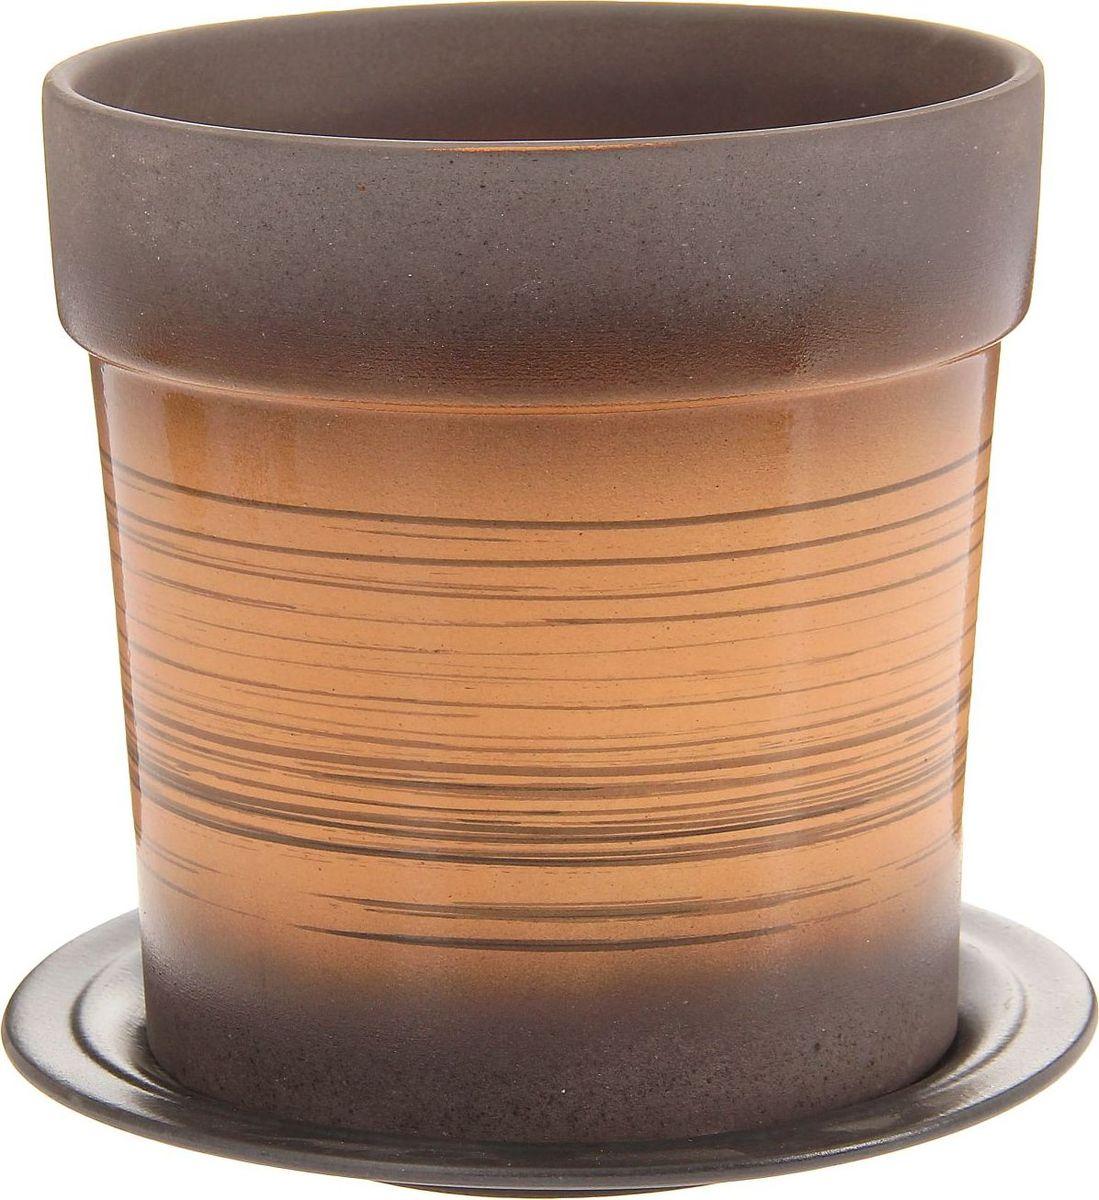 Кашпо Верона, цвет: желтый, 3 л1157426Комнатные растения — всеобщие любимцы. Они радуют глаз, насыщают помещение кислородом и украшают пространство. Каждому из них необходим свой удобный и красивый дом. Кашпо из керамики прекрасно подходят для высадки растений: за счёт пластичности глины и разных способов обработки существует великое множество форм и дизайновпористый материал позволяет испаряться лишней влагевоздух, необходимый для дыхания корней, проникает сквозь керамические стенки! #name# позаботится о зелёном питомце, освежит интерьер и подчеркнёт его стиль.